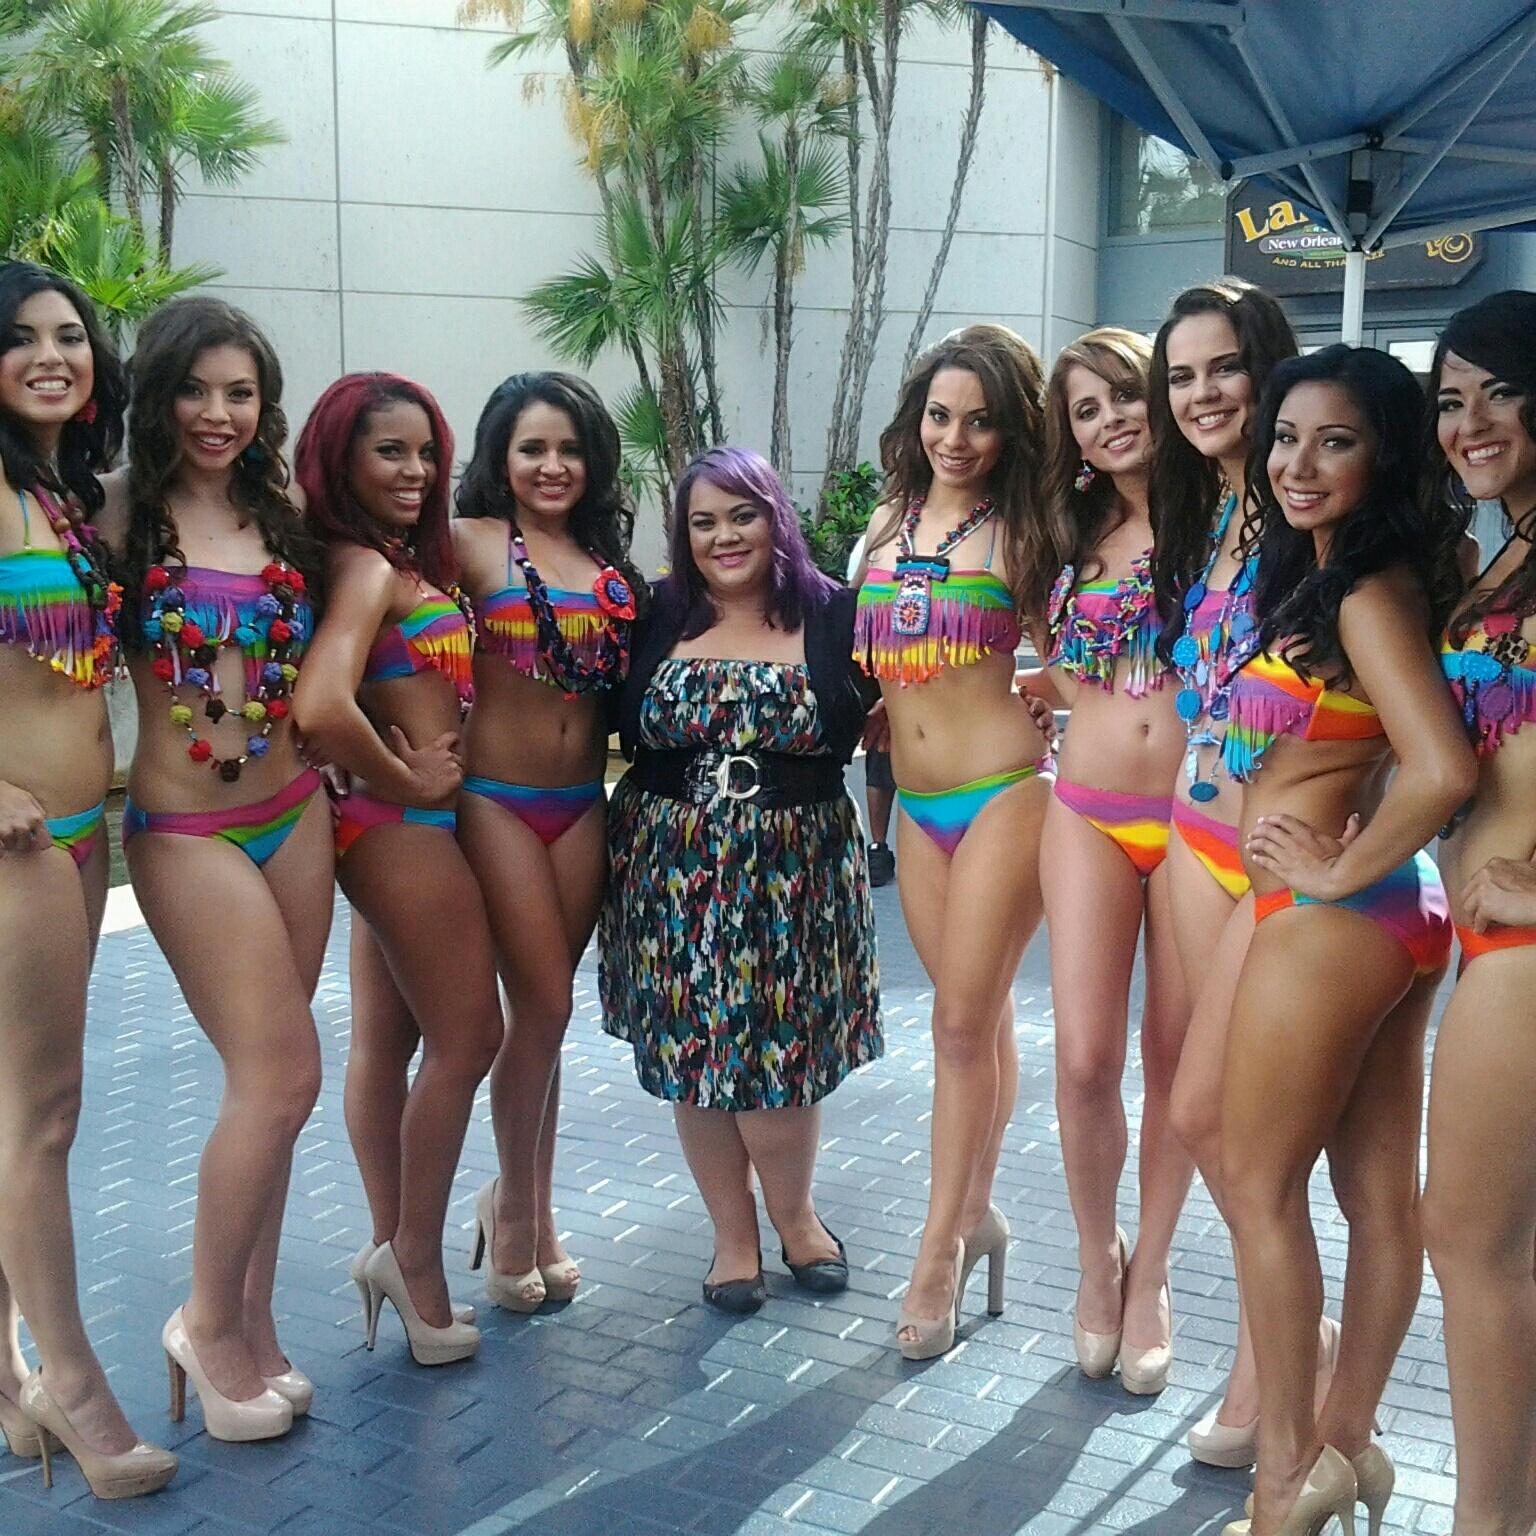 Bikini contest photos latinas